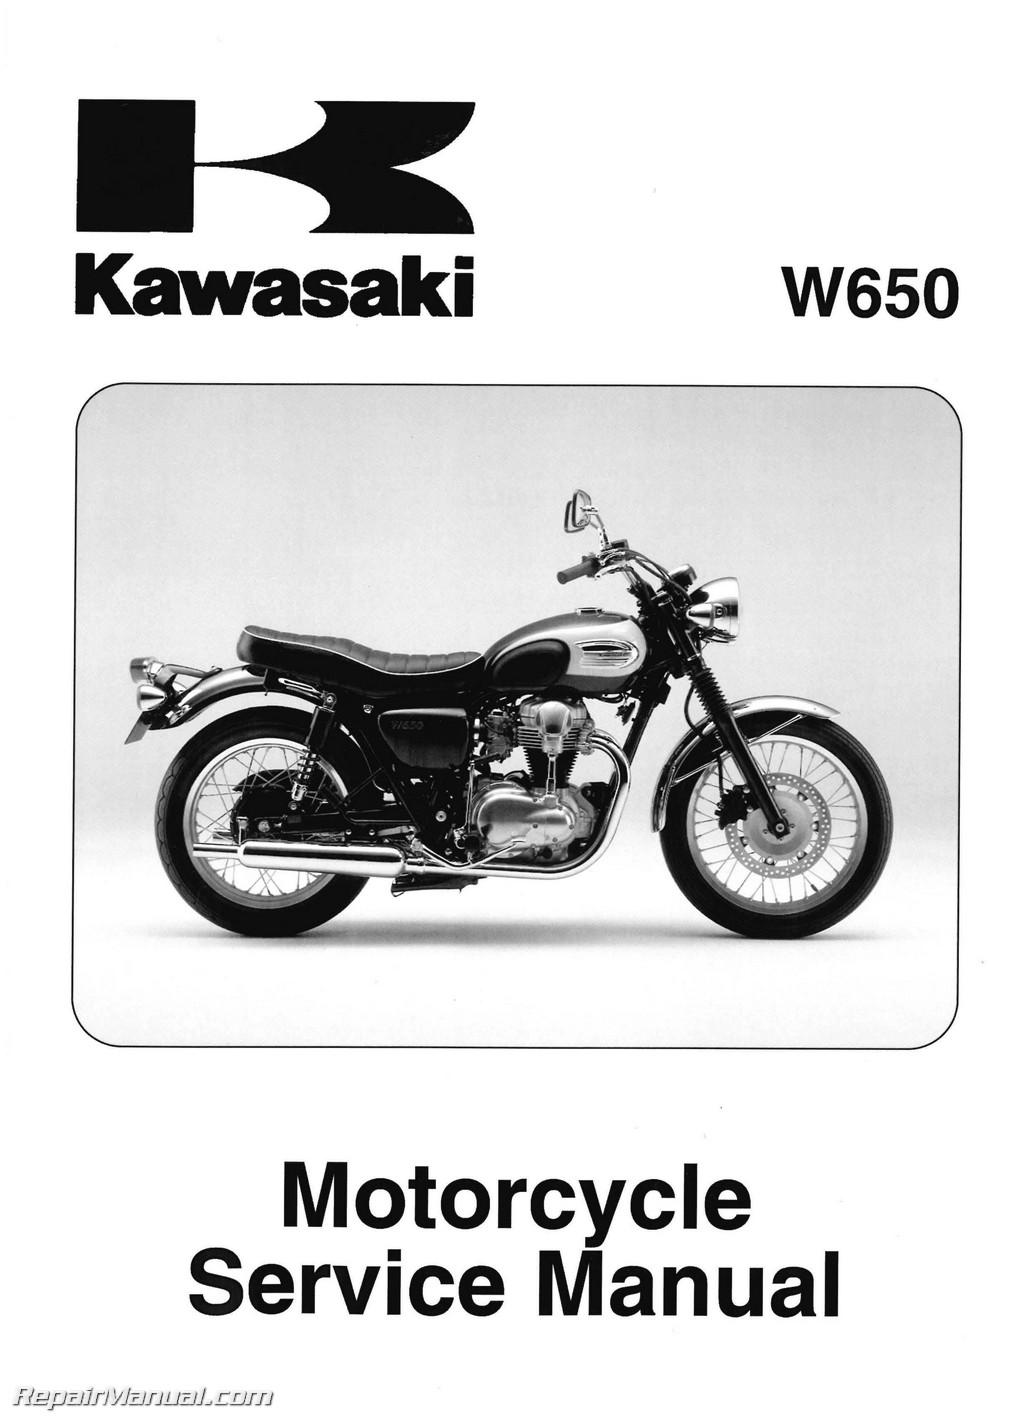 kawasaki motorcycle manuals enthusiast wiring diagrams u2022 rh rasalibre co kawasaki motorcycle repair manuals download kawasaki motorcycle manuals free download